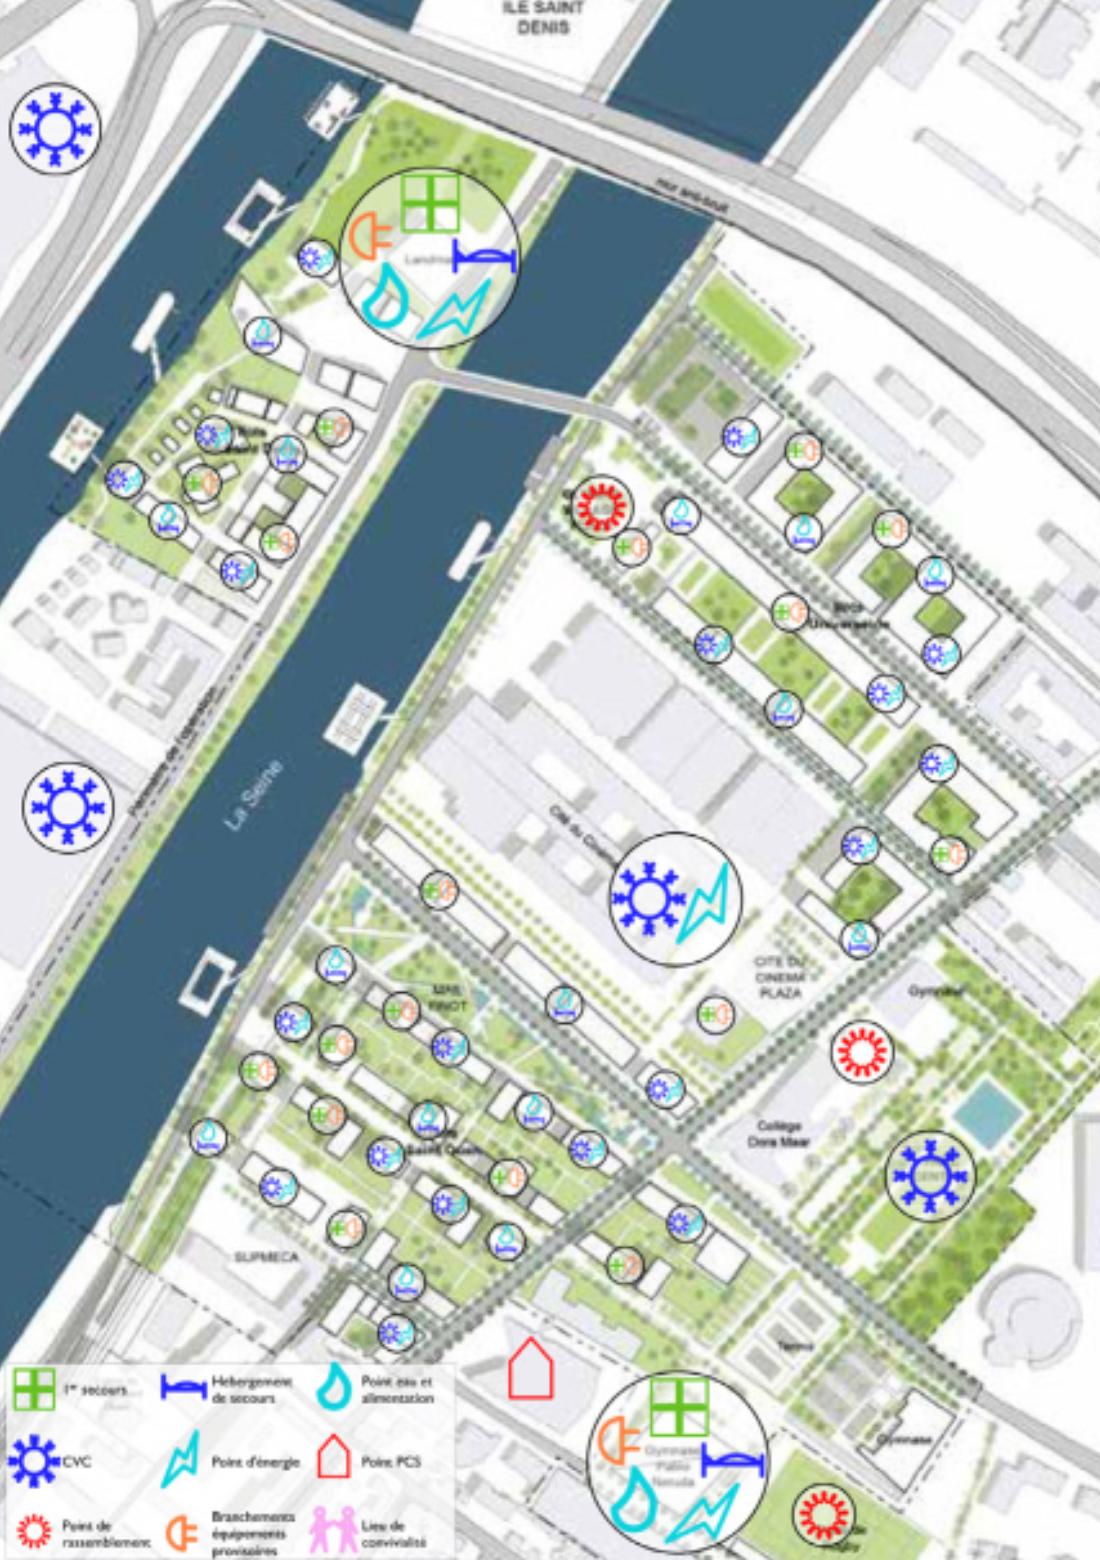 Gouverner la résilience urbaine : essai de méthode appliquée au village olympique et paralympique 2024